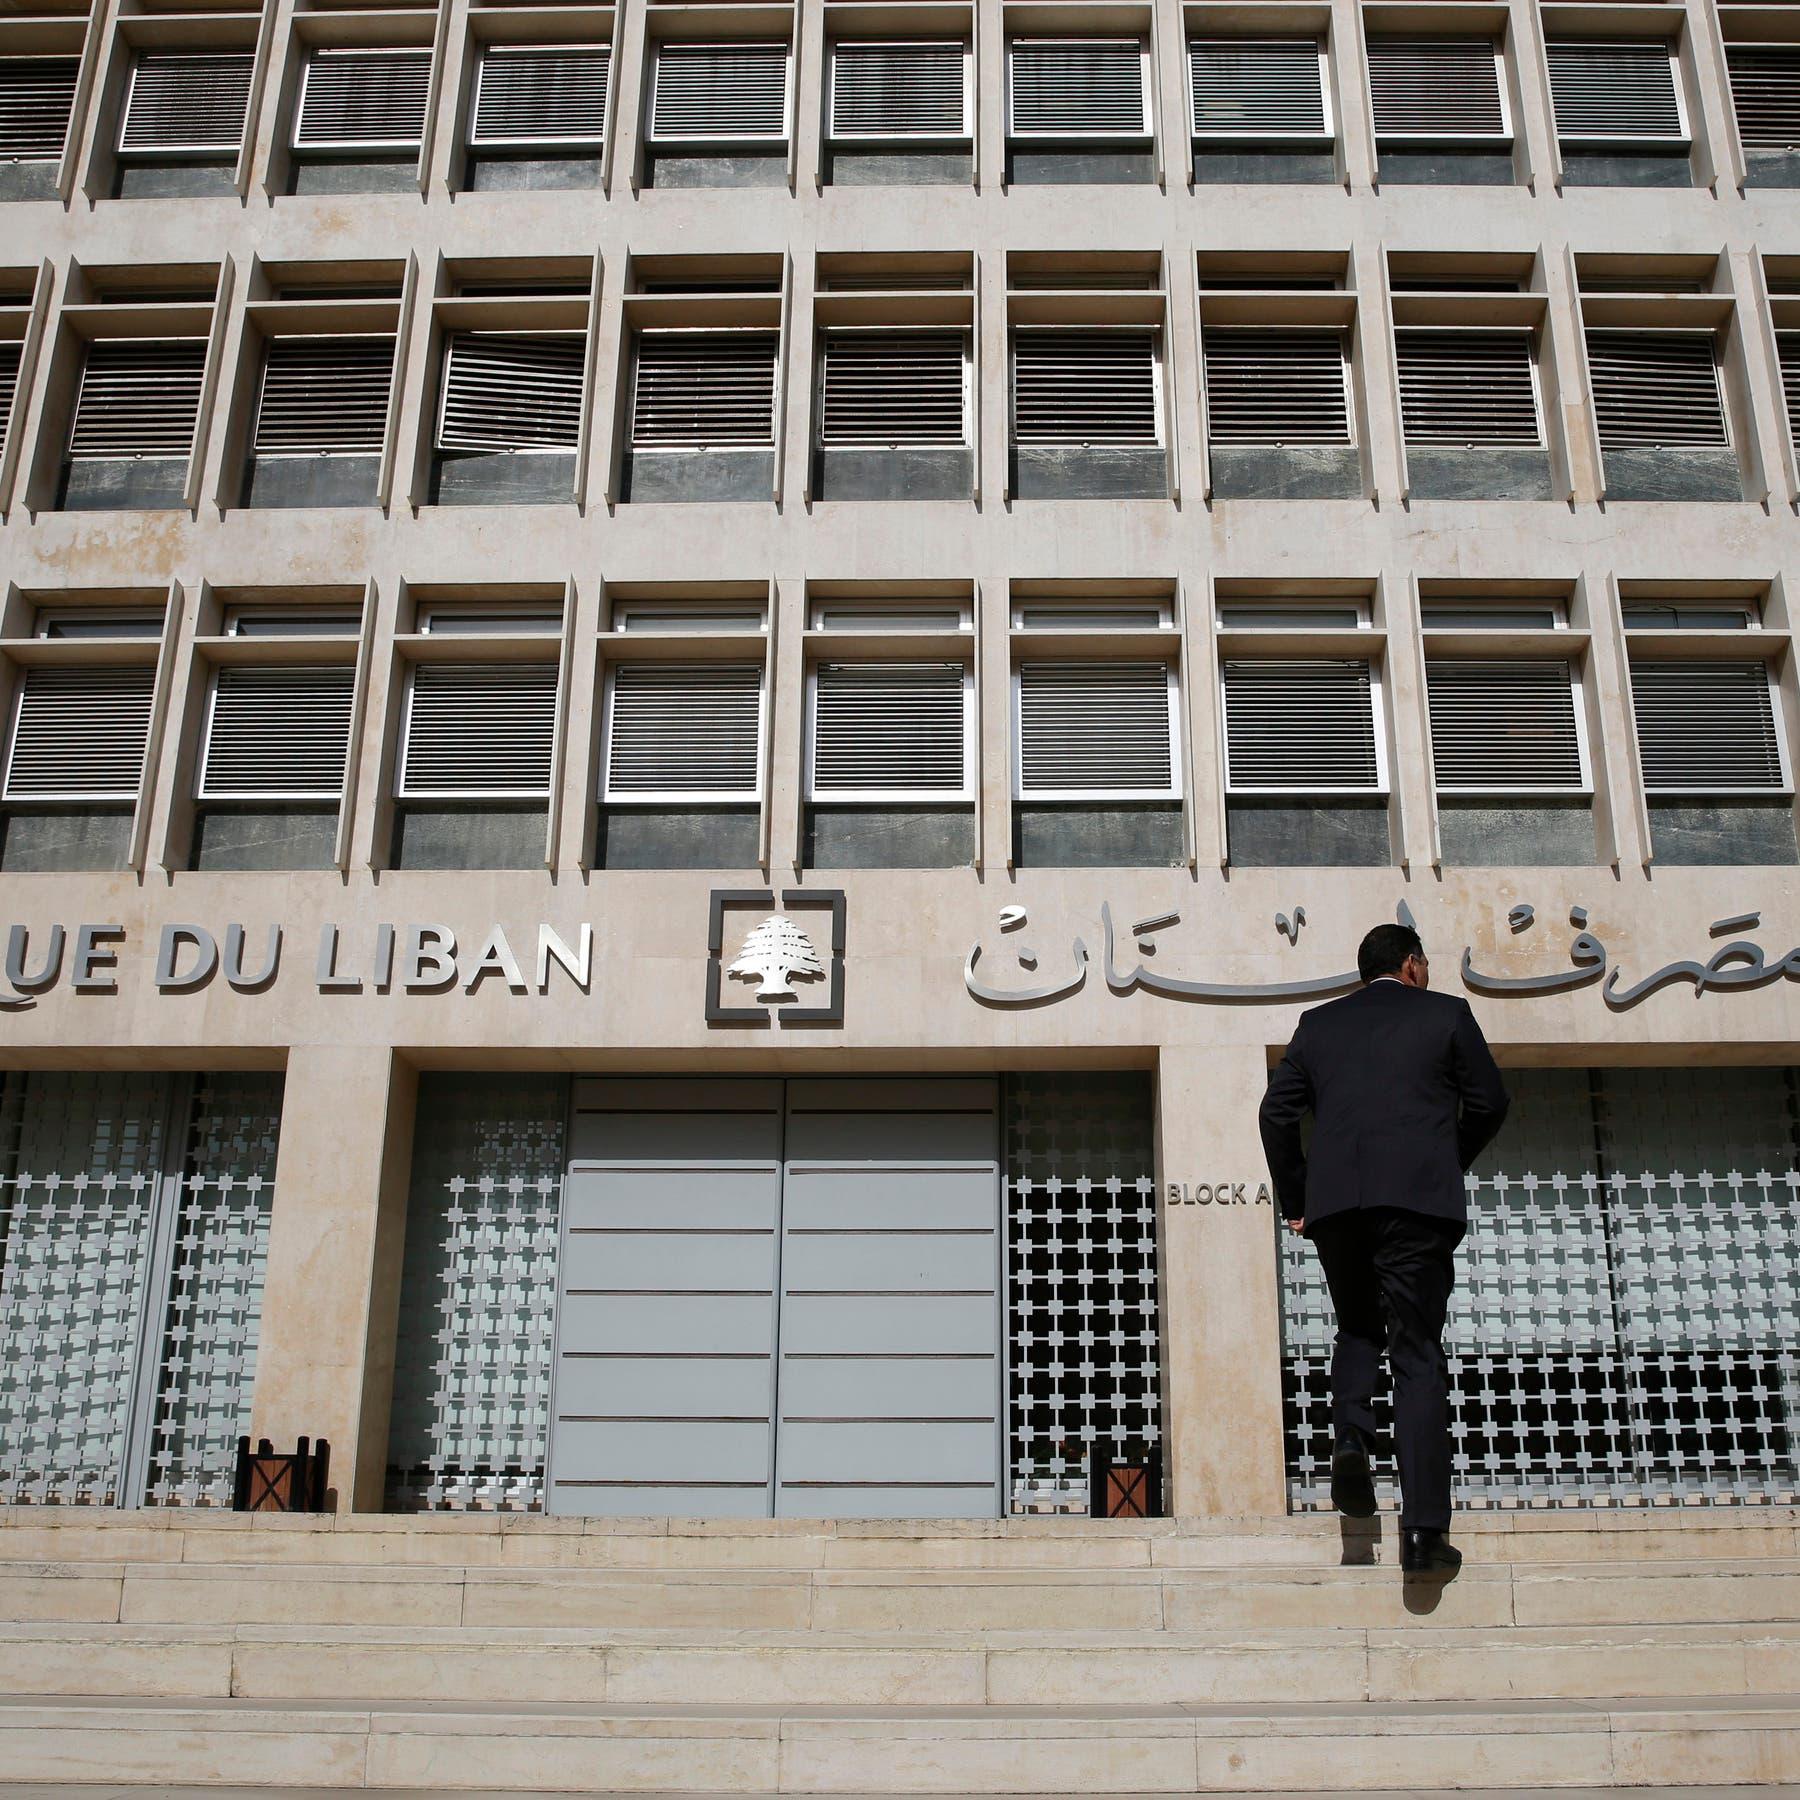 كرة يتقاذفها حزب الله ونظام الأسد.. مصارف لبنان على صفيح ساخن